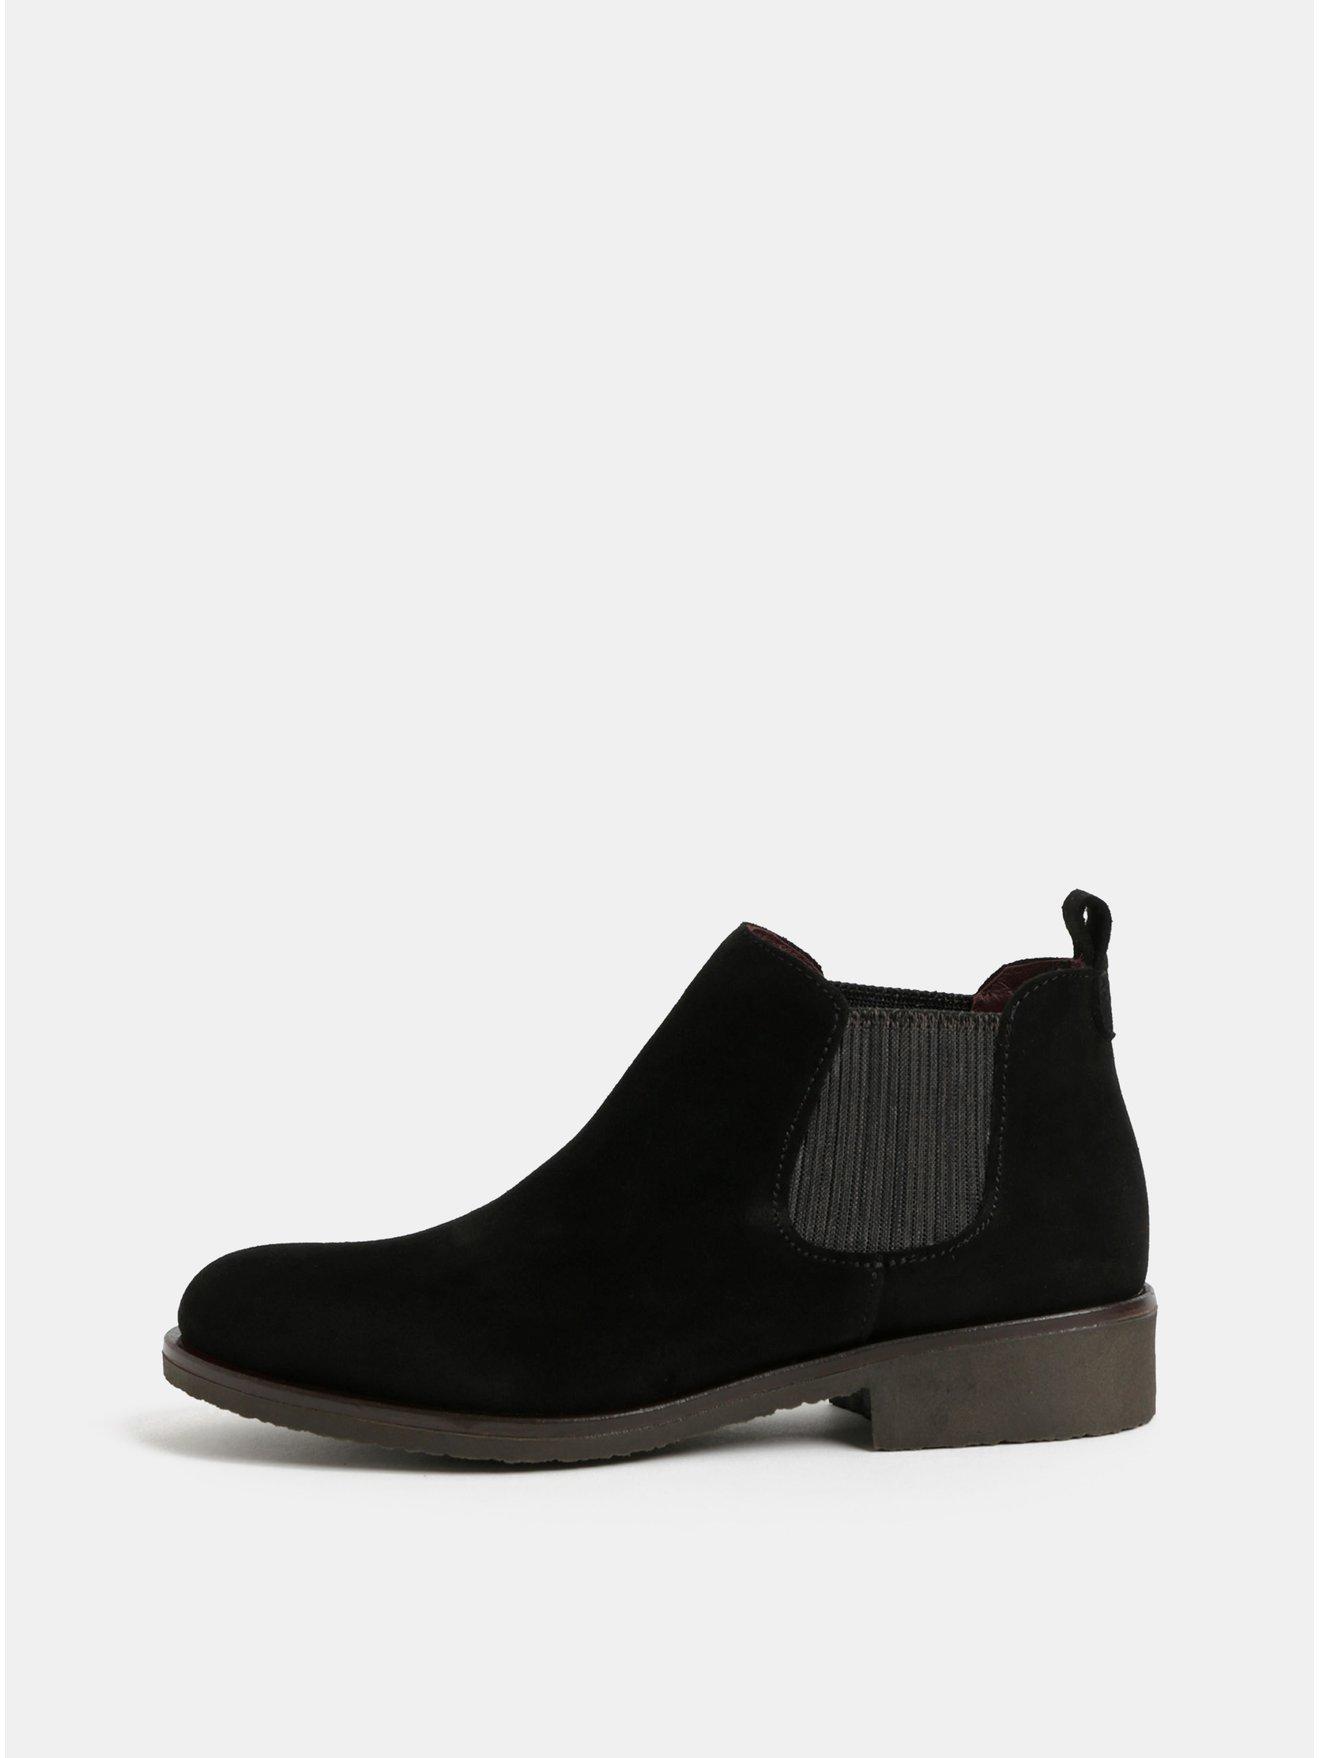 Černé semišové chelsea boty OJJU c2db9167ec